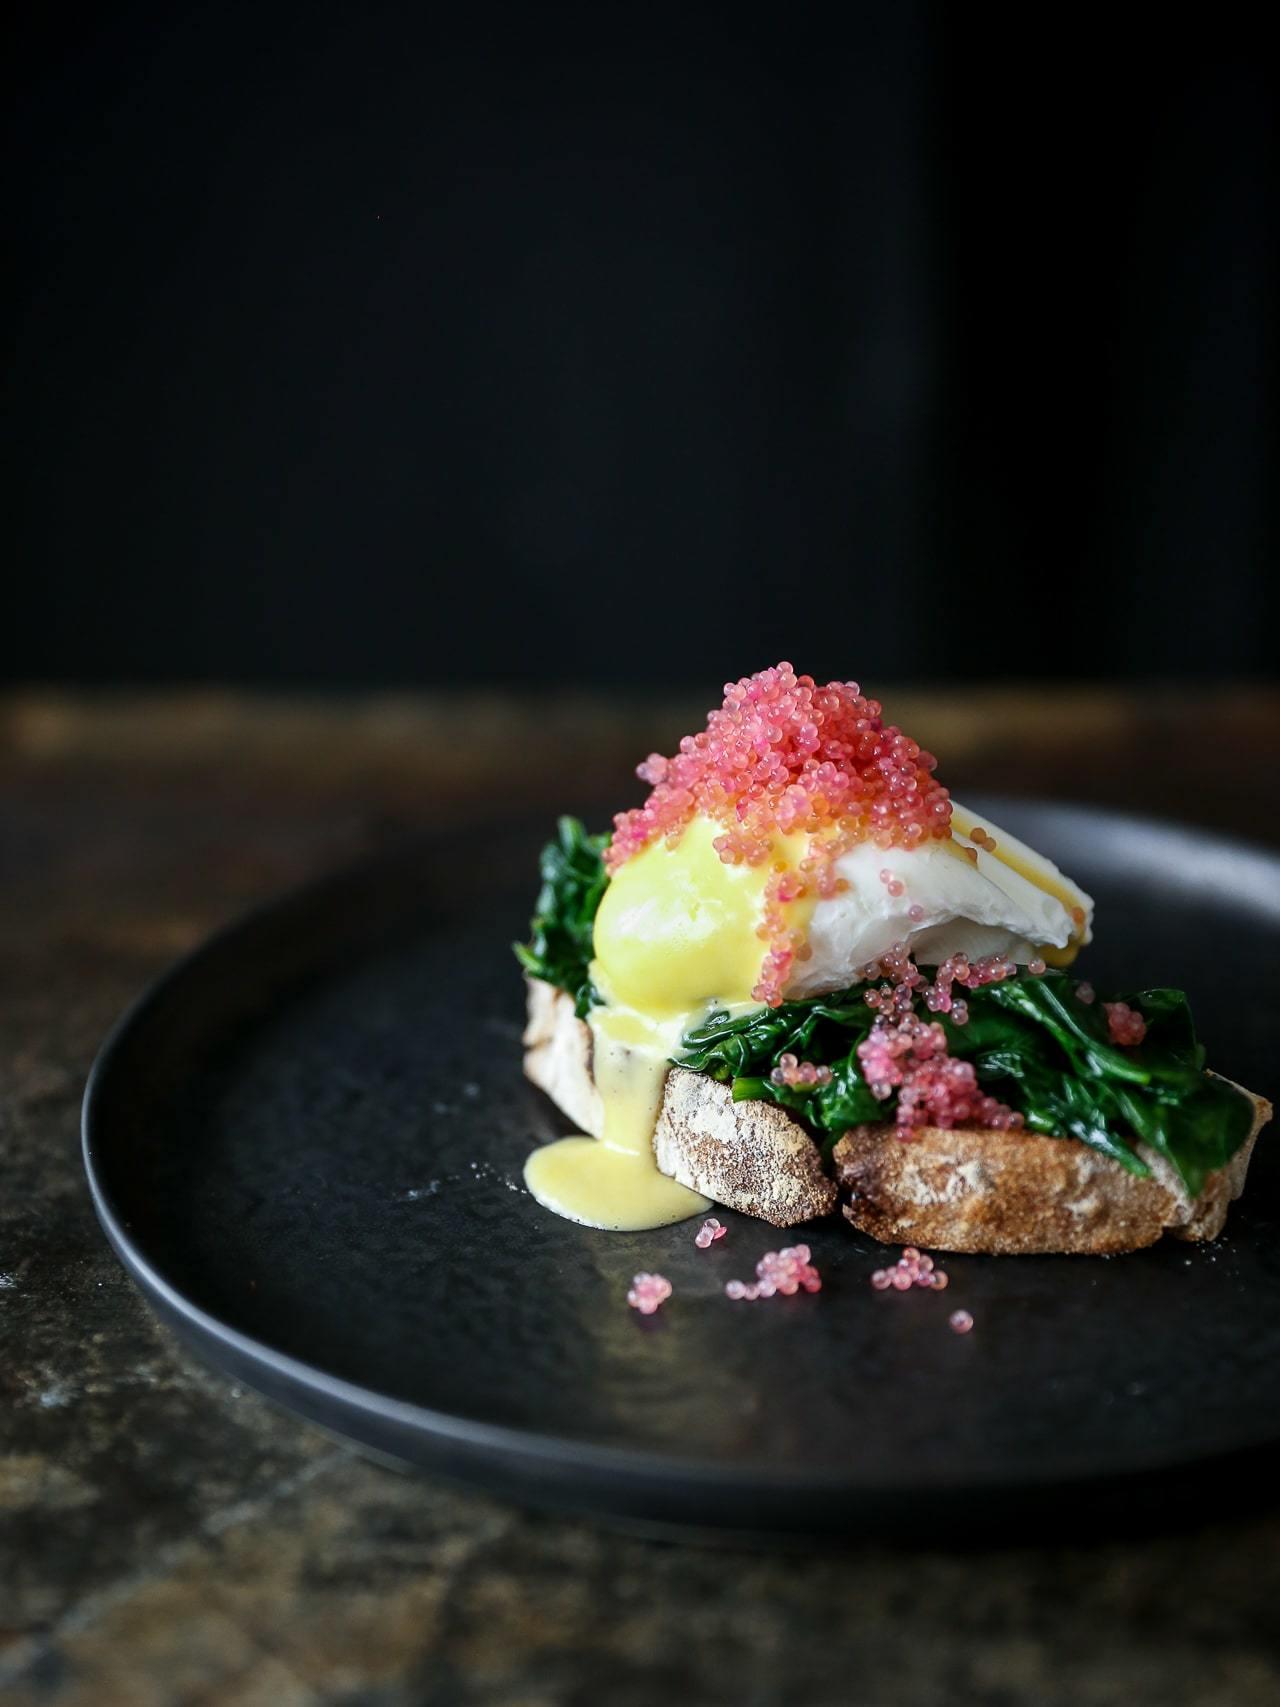 egg florentine - pocherede æg med spinat, hollandaise og stenbiderrogn